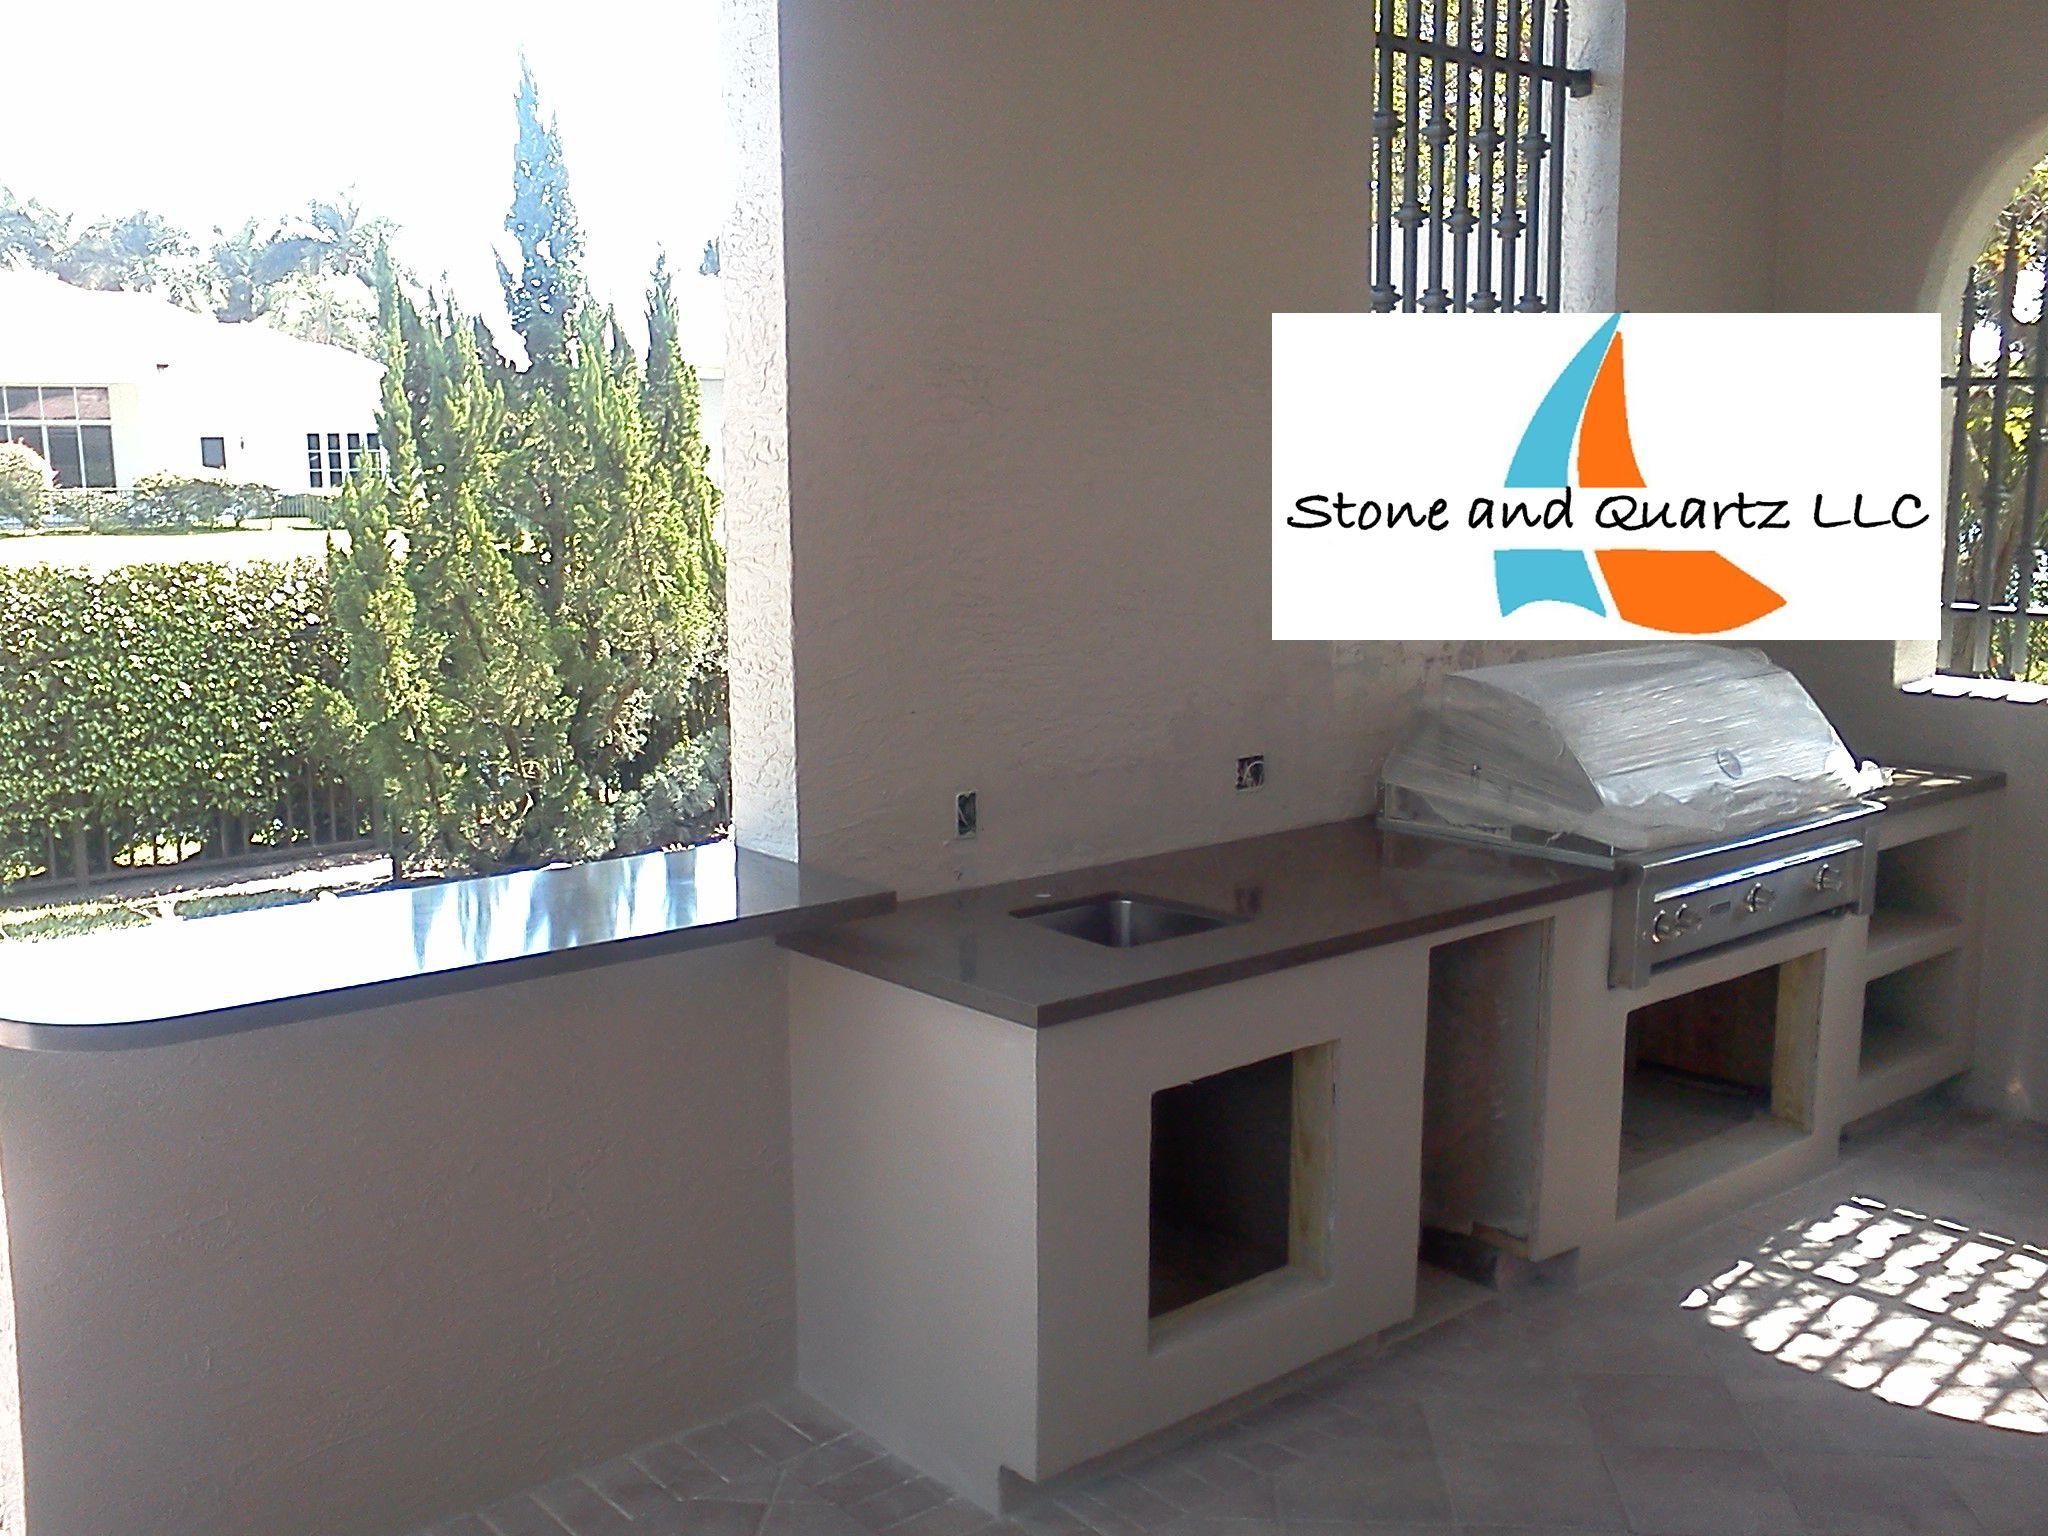 Outdoorküche Klein Quartz : Outdoorküche klein quartz outdoorküche klein quartz besten